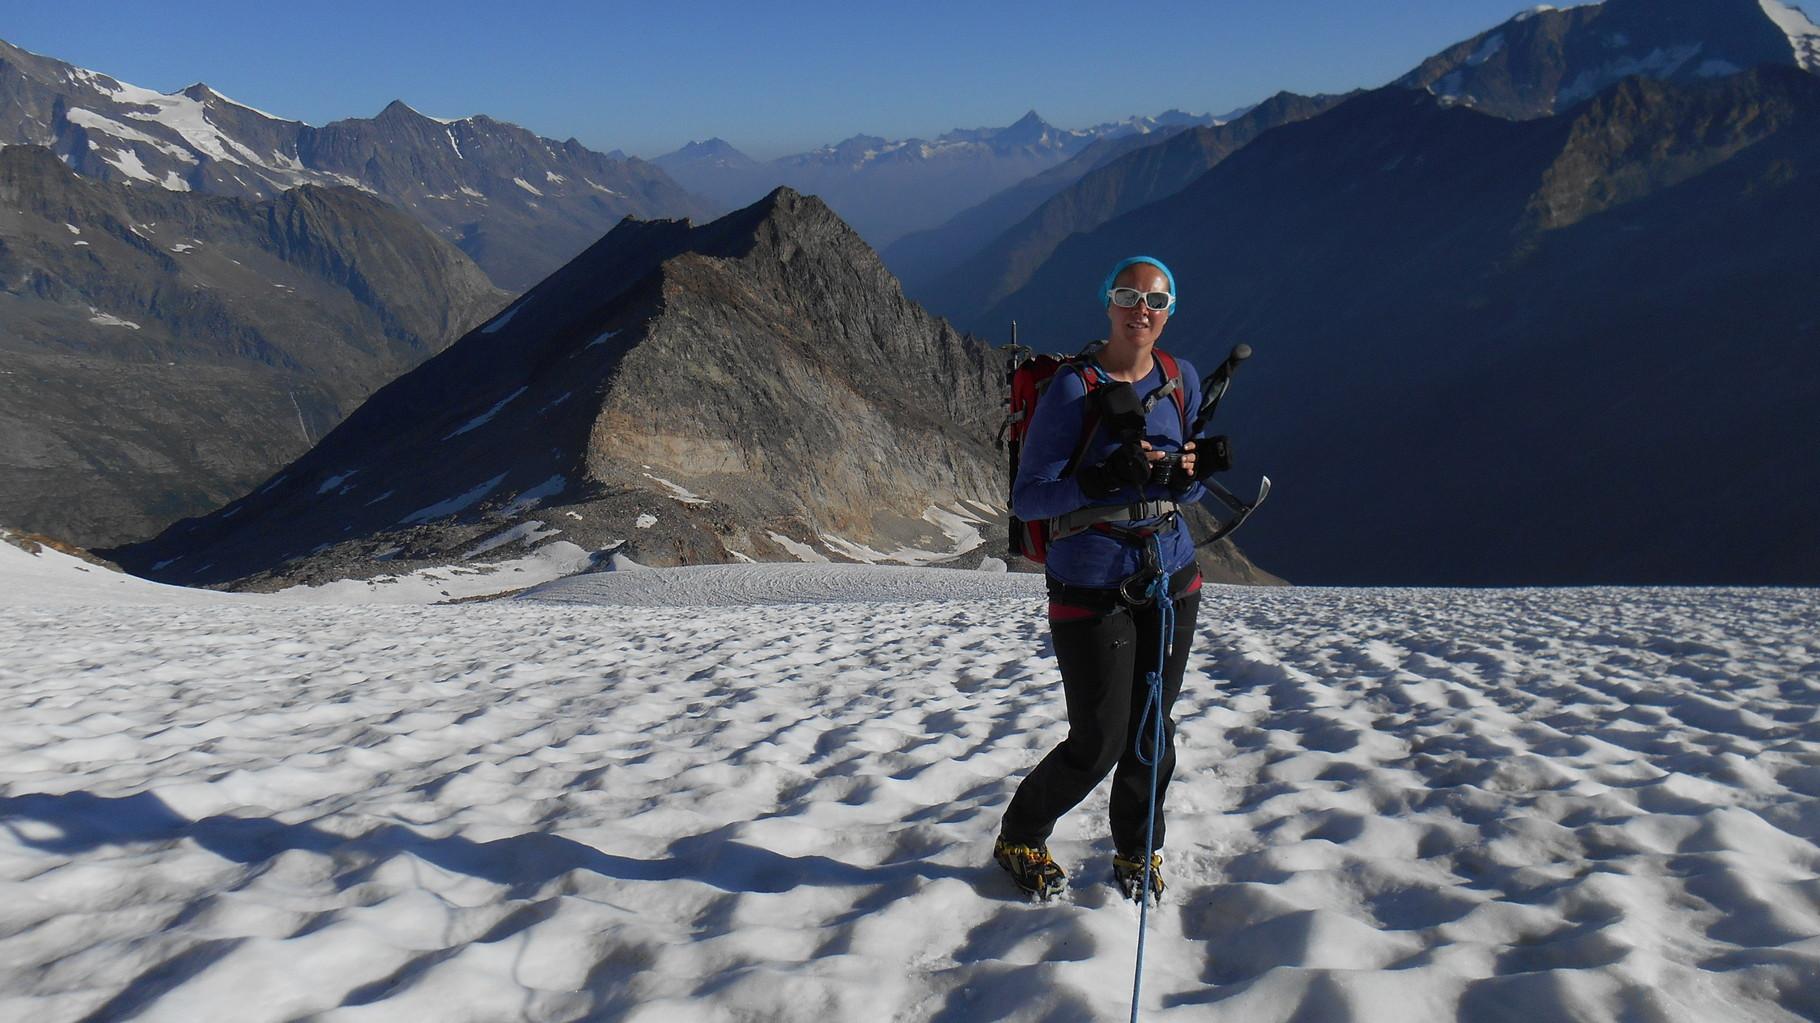 auf dem Gletscher Richtung Stellihorn